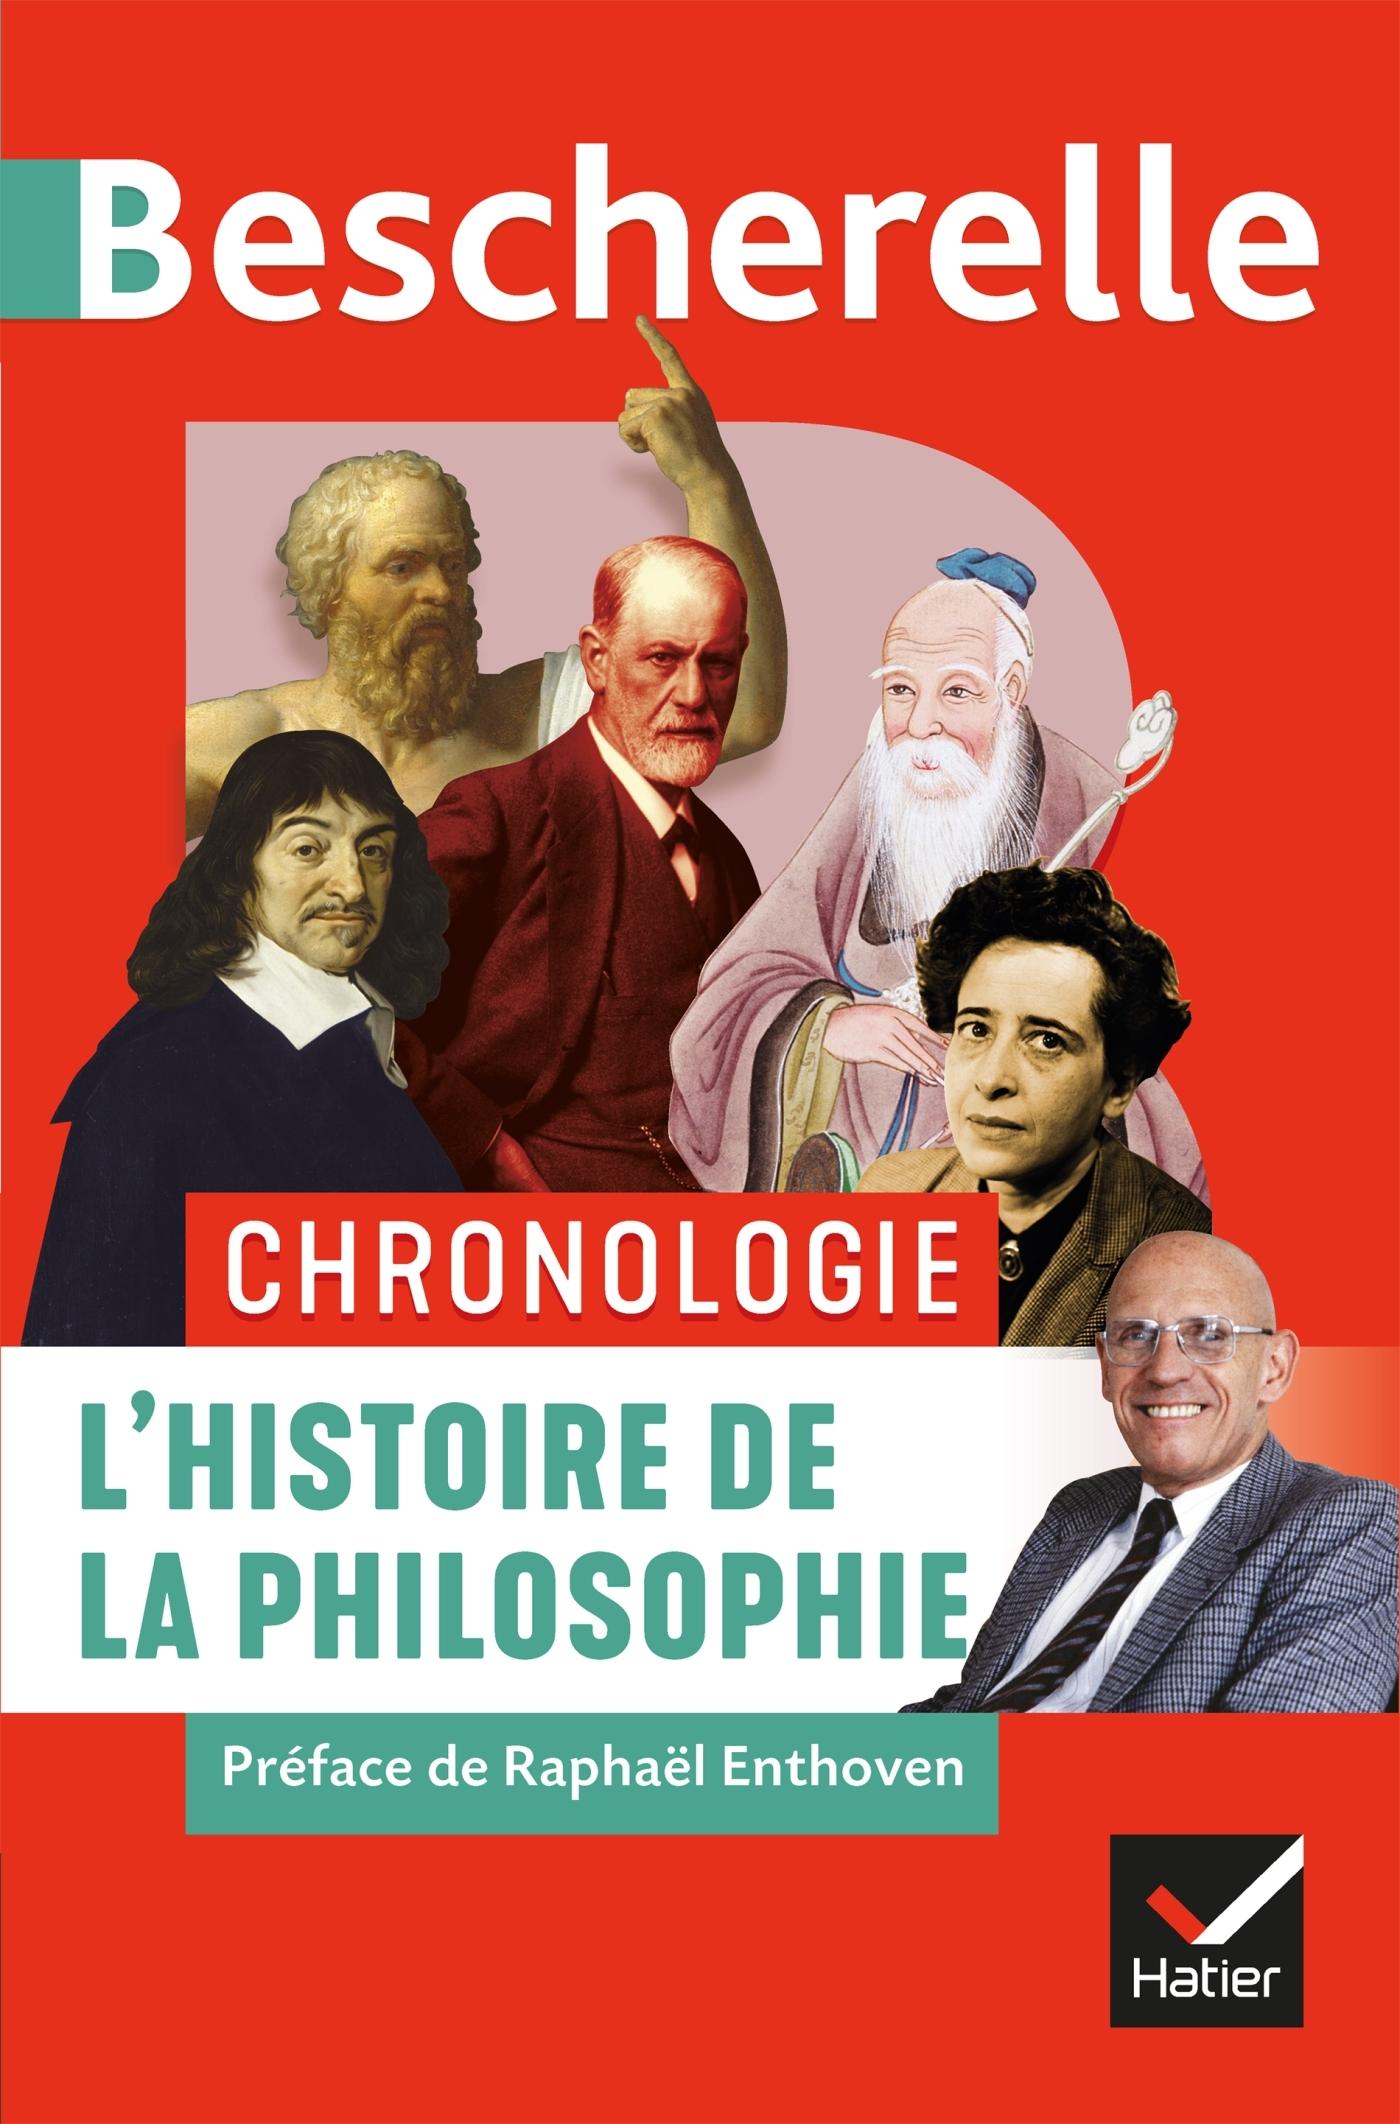 BESCHERELLE CHRONOLOGIE DE L'HISTOIRE DE LA PHILOSOPHIE - DE L'ANTIQUITE A NOS JOURS